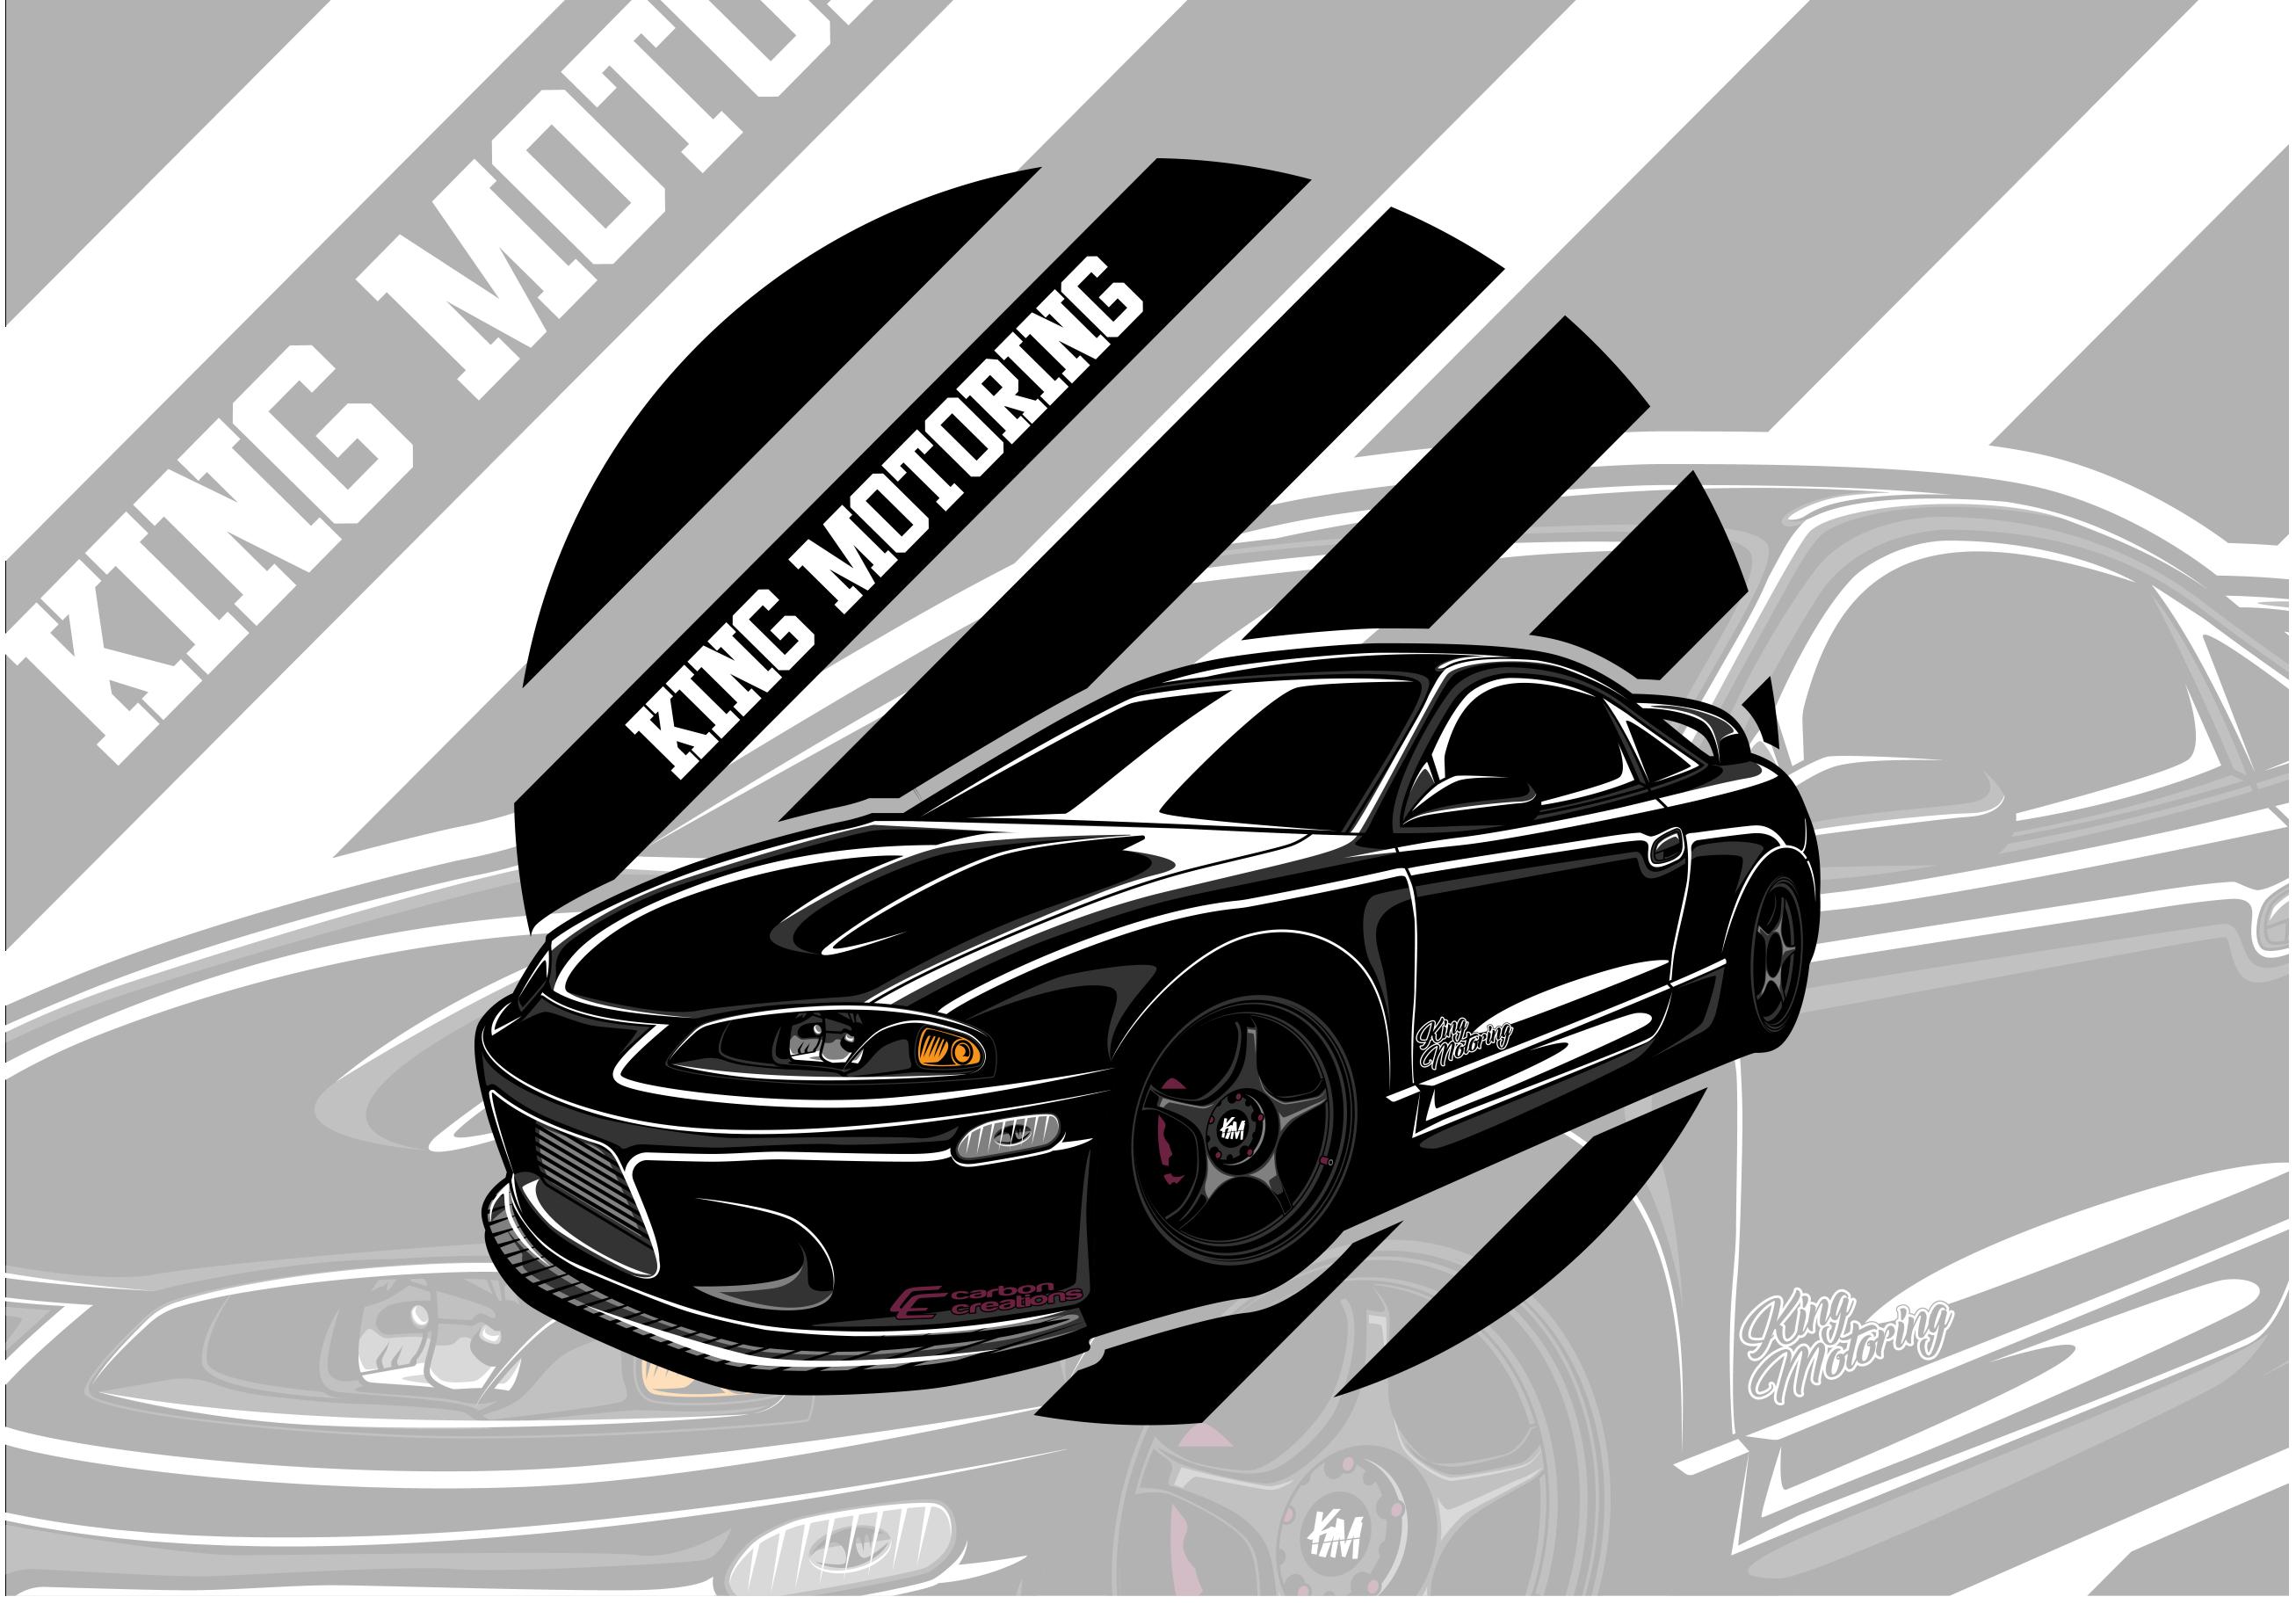 Wonderful Mitsubishi Eclipse Jax Goad Car Get Your T Shirts Now  Www.kingmotoringltd.com